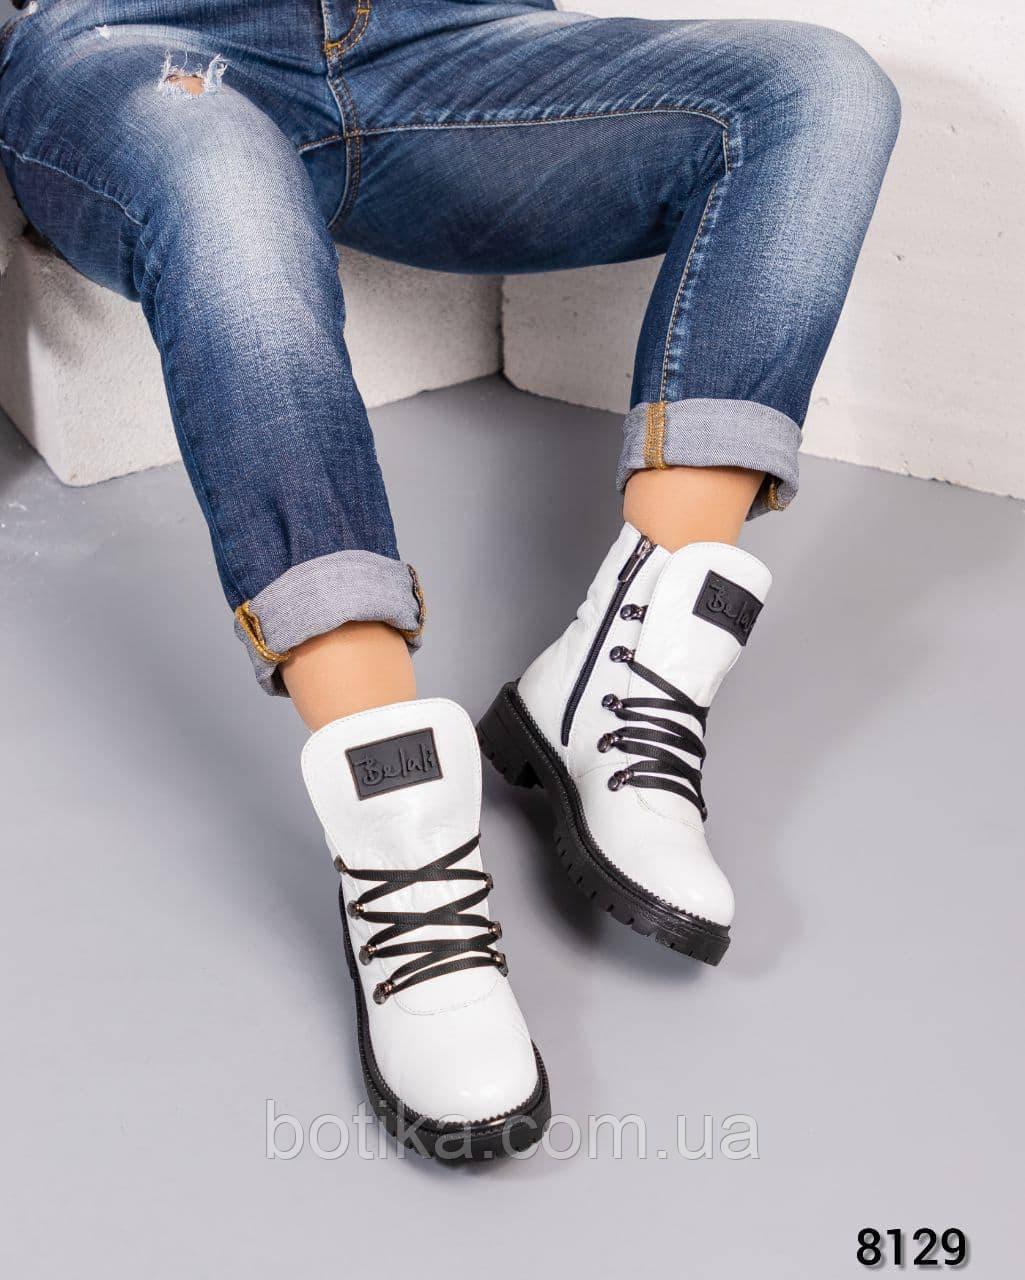 Деми и Зима!  Элитная коллекция! Стильные  женские ботинки кожаные